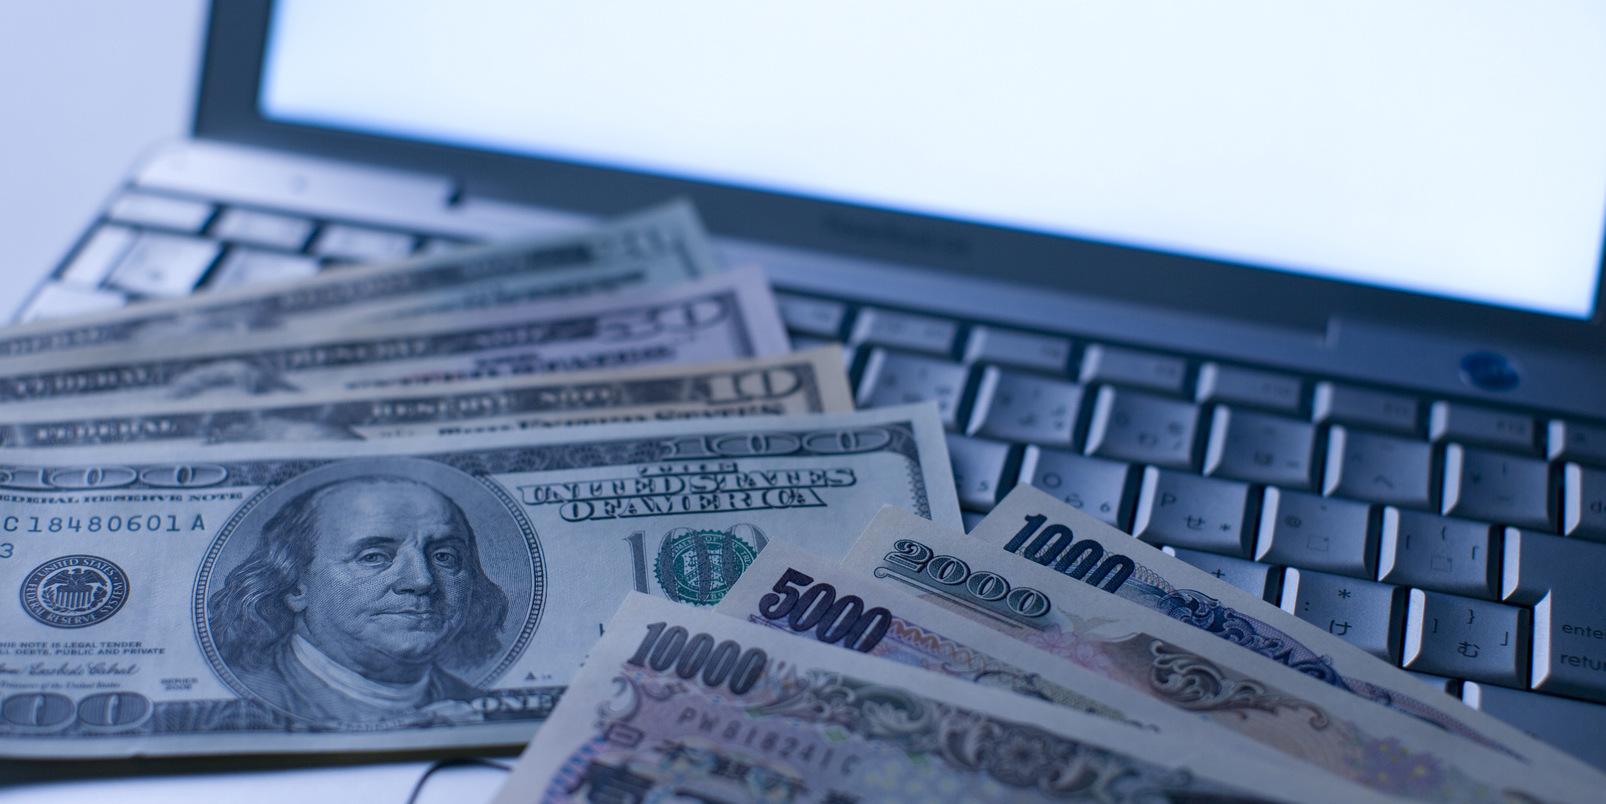 Übersicht über Banken im Ausland, bei denen wir Ihnen bei einer Kontoeröffnung helfen.